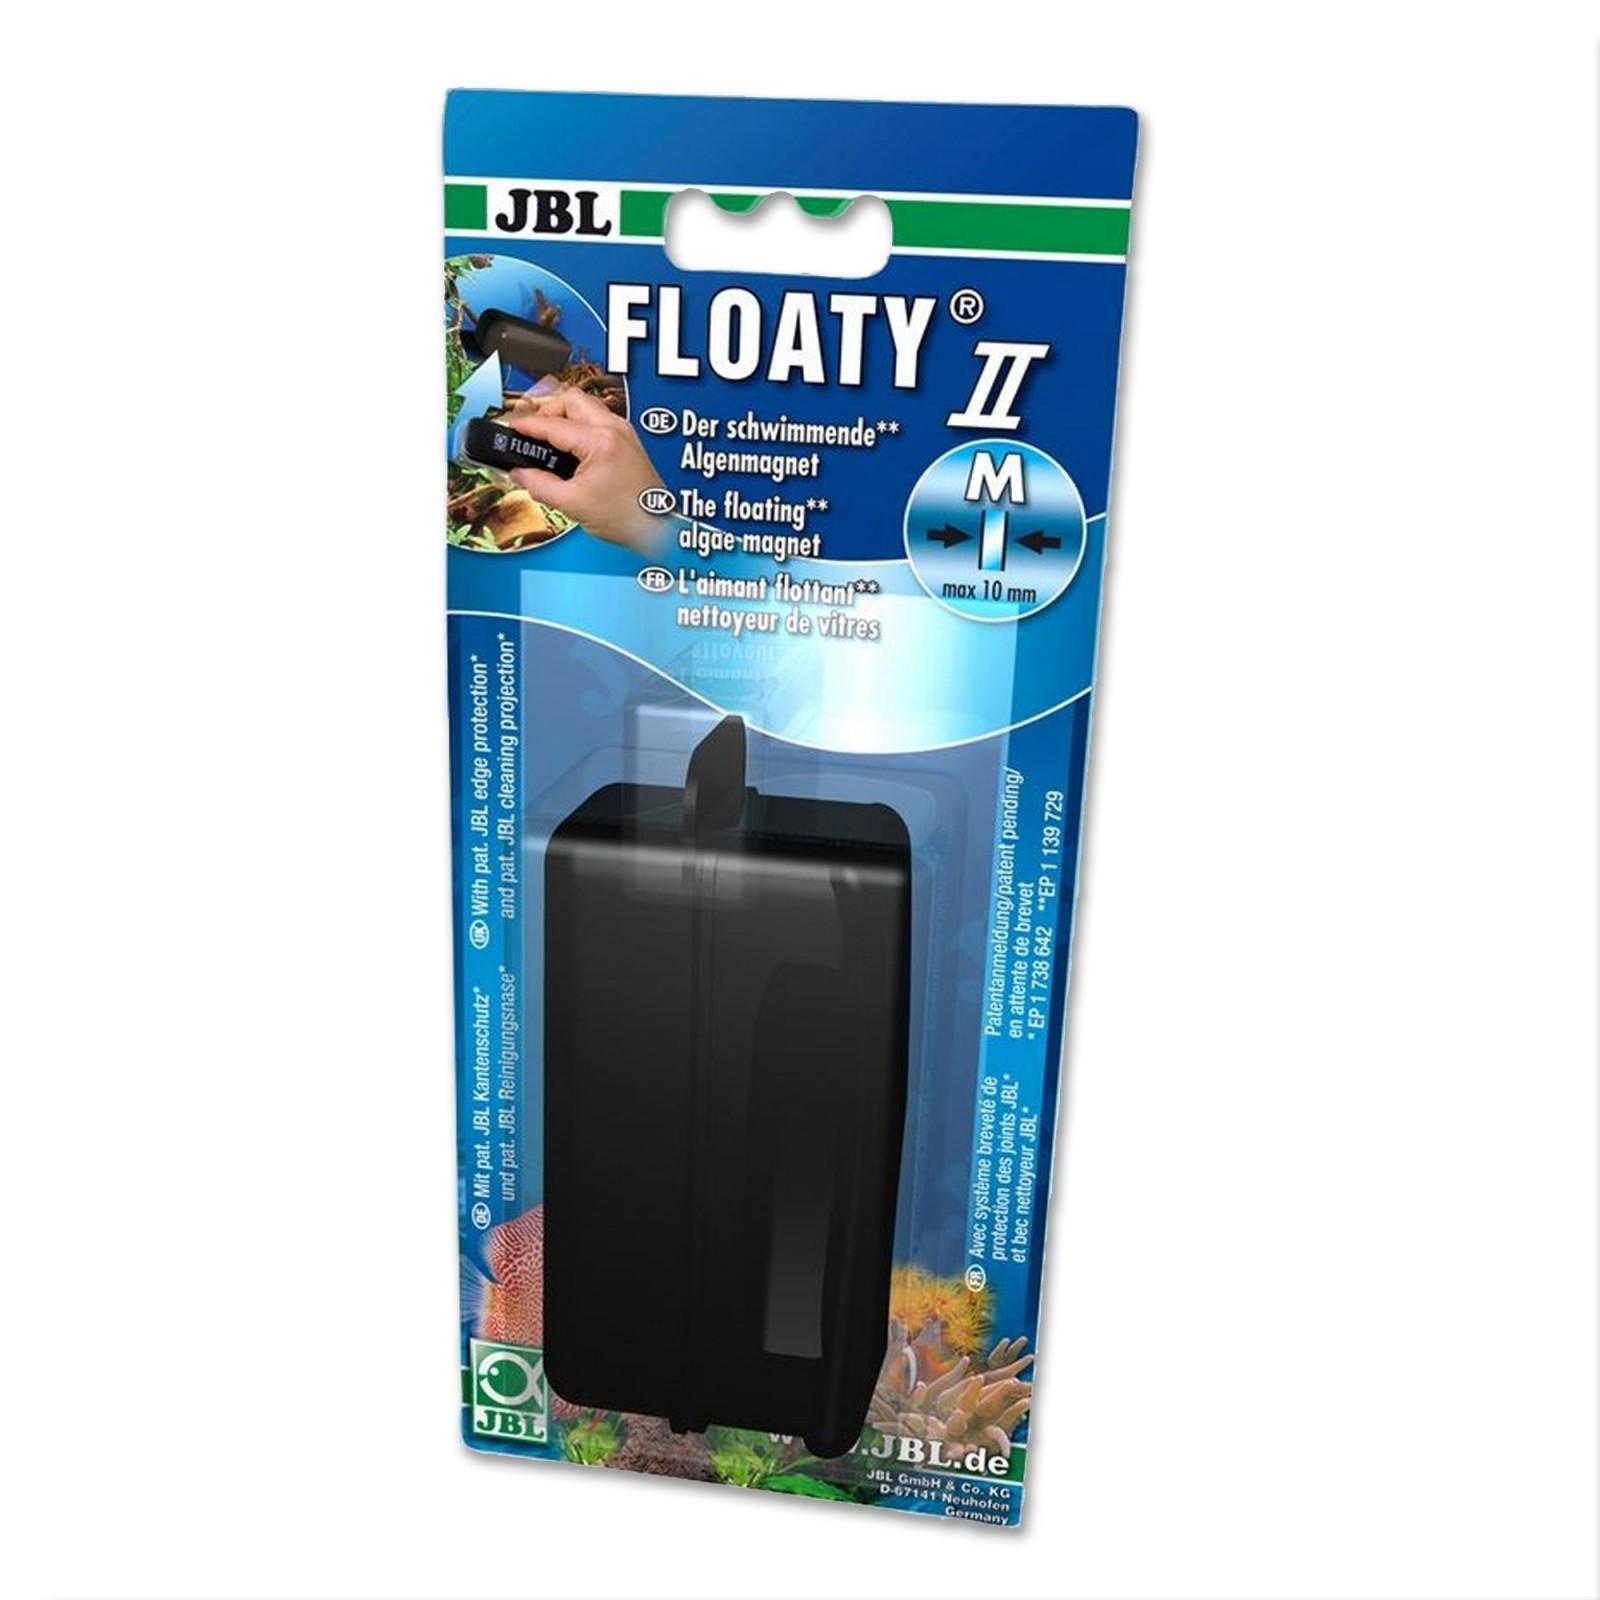 JBL Floaty II M Spazzola Magnetica Galleggiante per acquario con Vetri Fino A 10mm